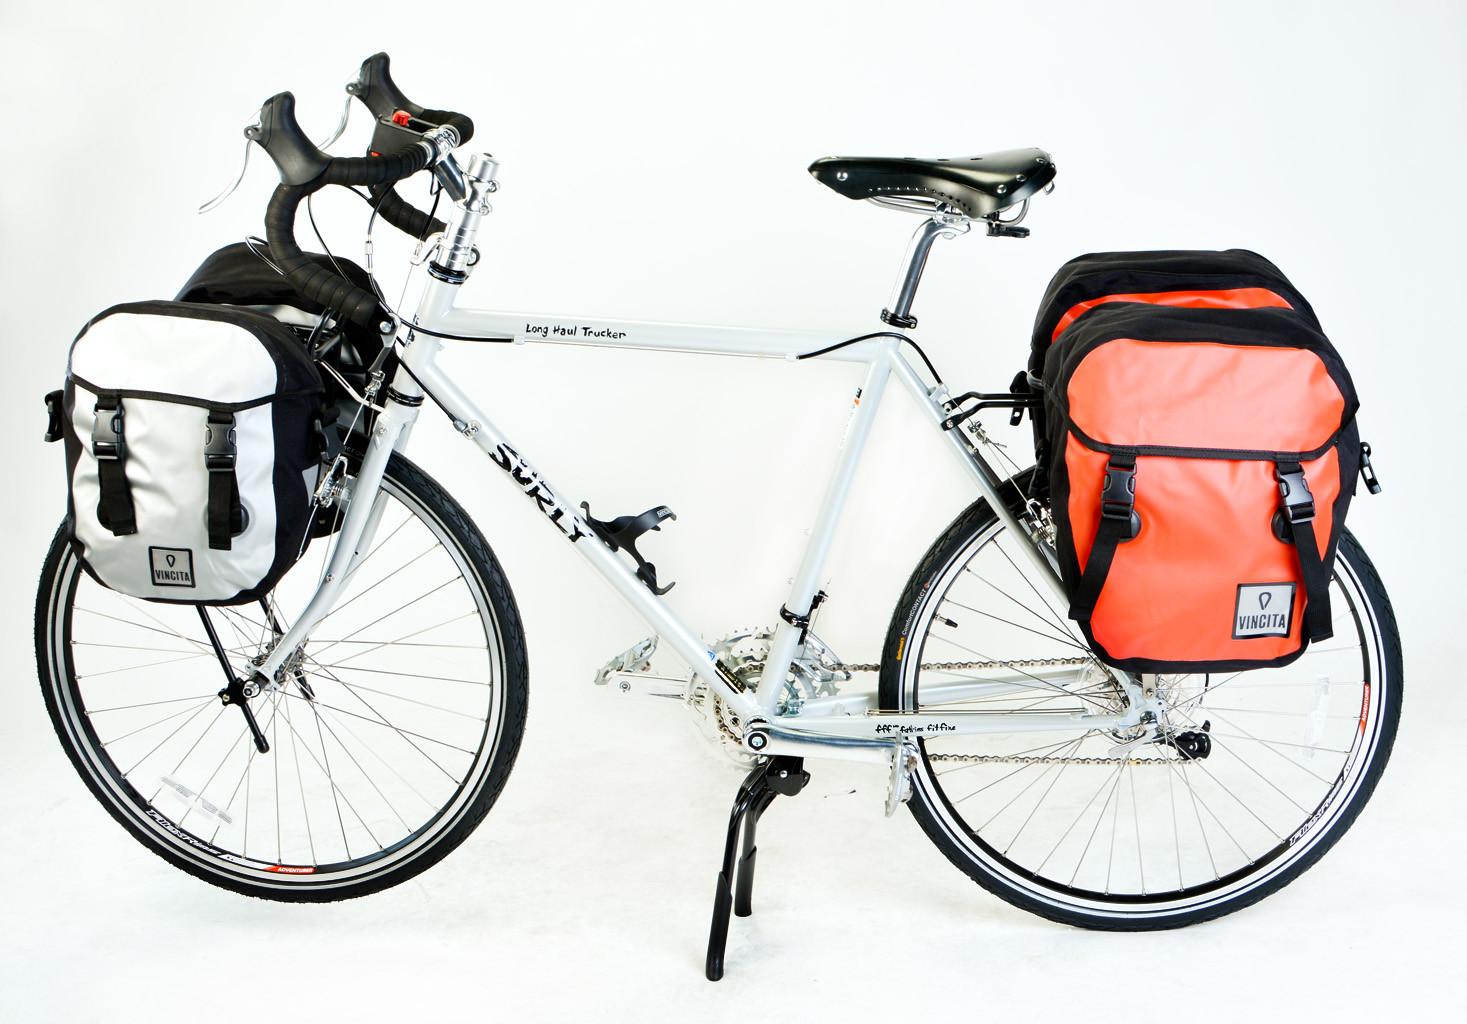 Vincita Bike